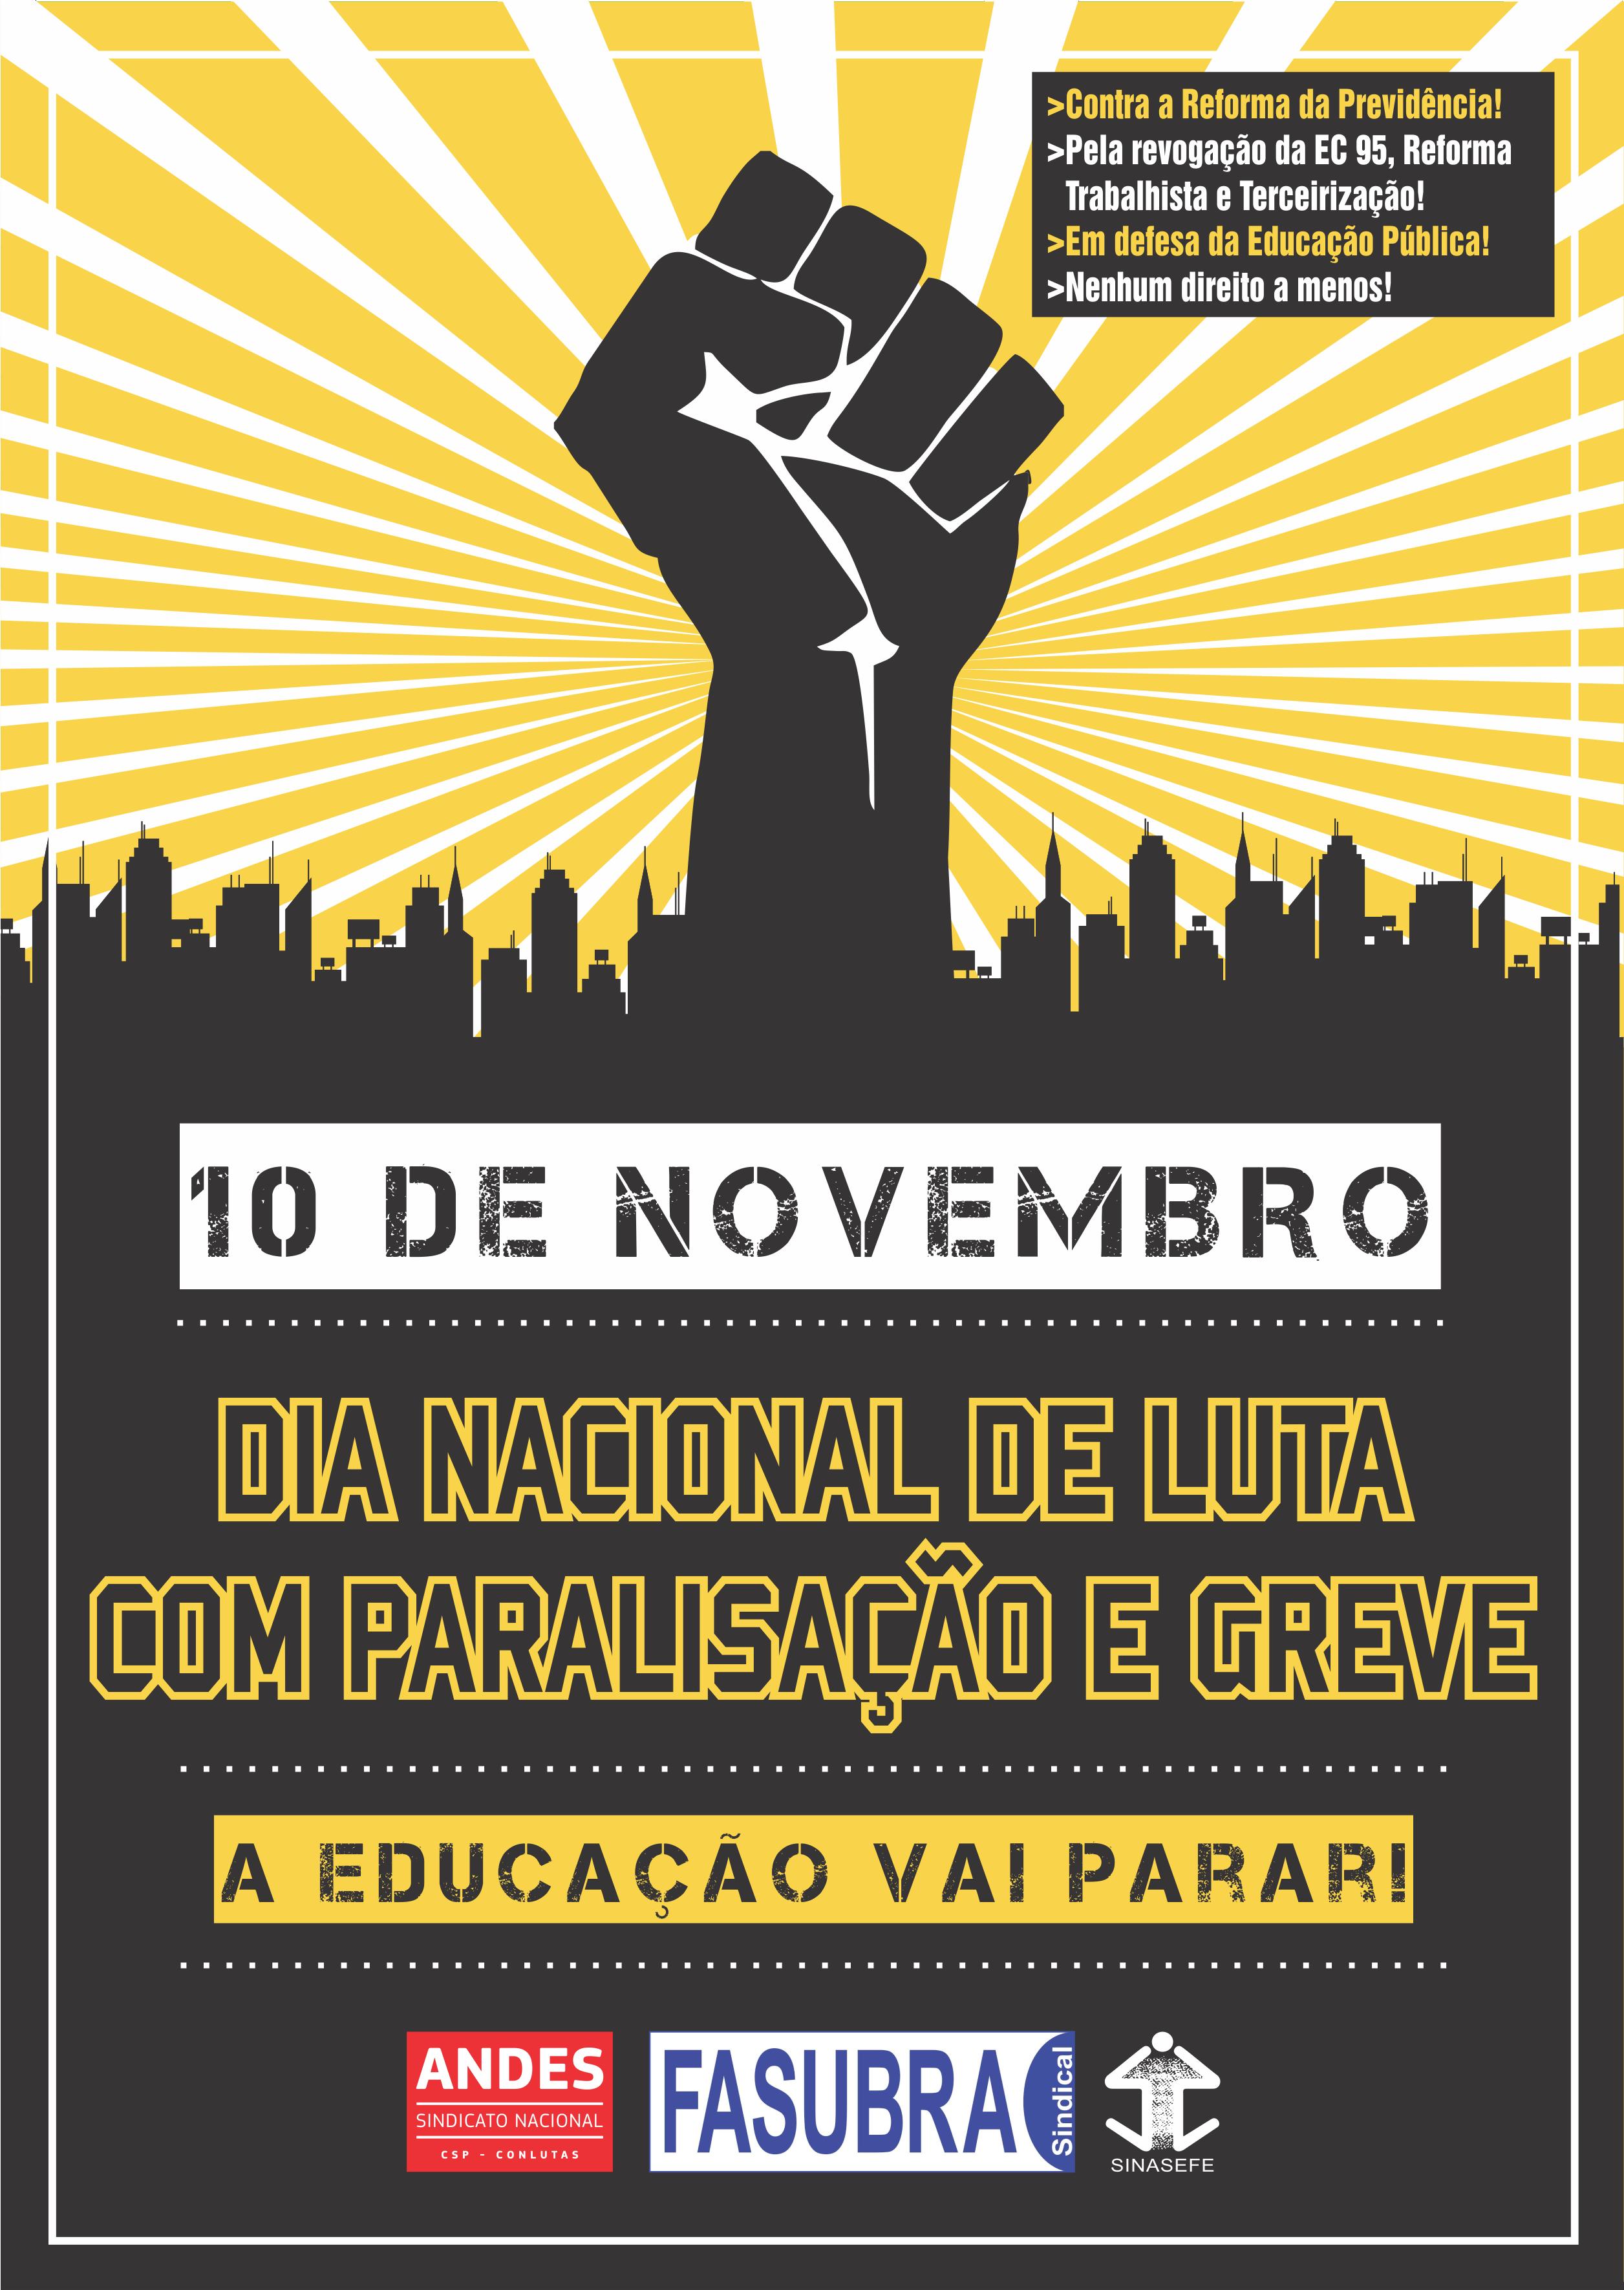 Ato Unificado vai marcar Dia Nacional de Lutas, Paralisação e Greve